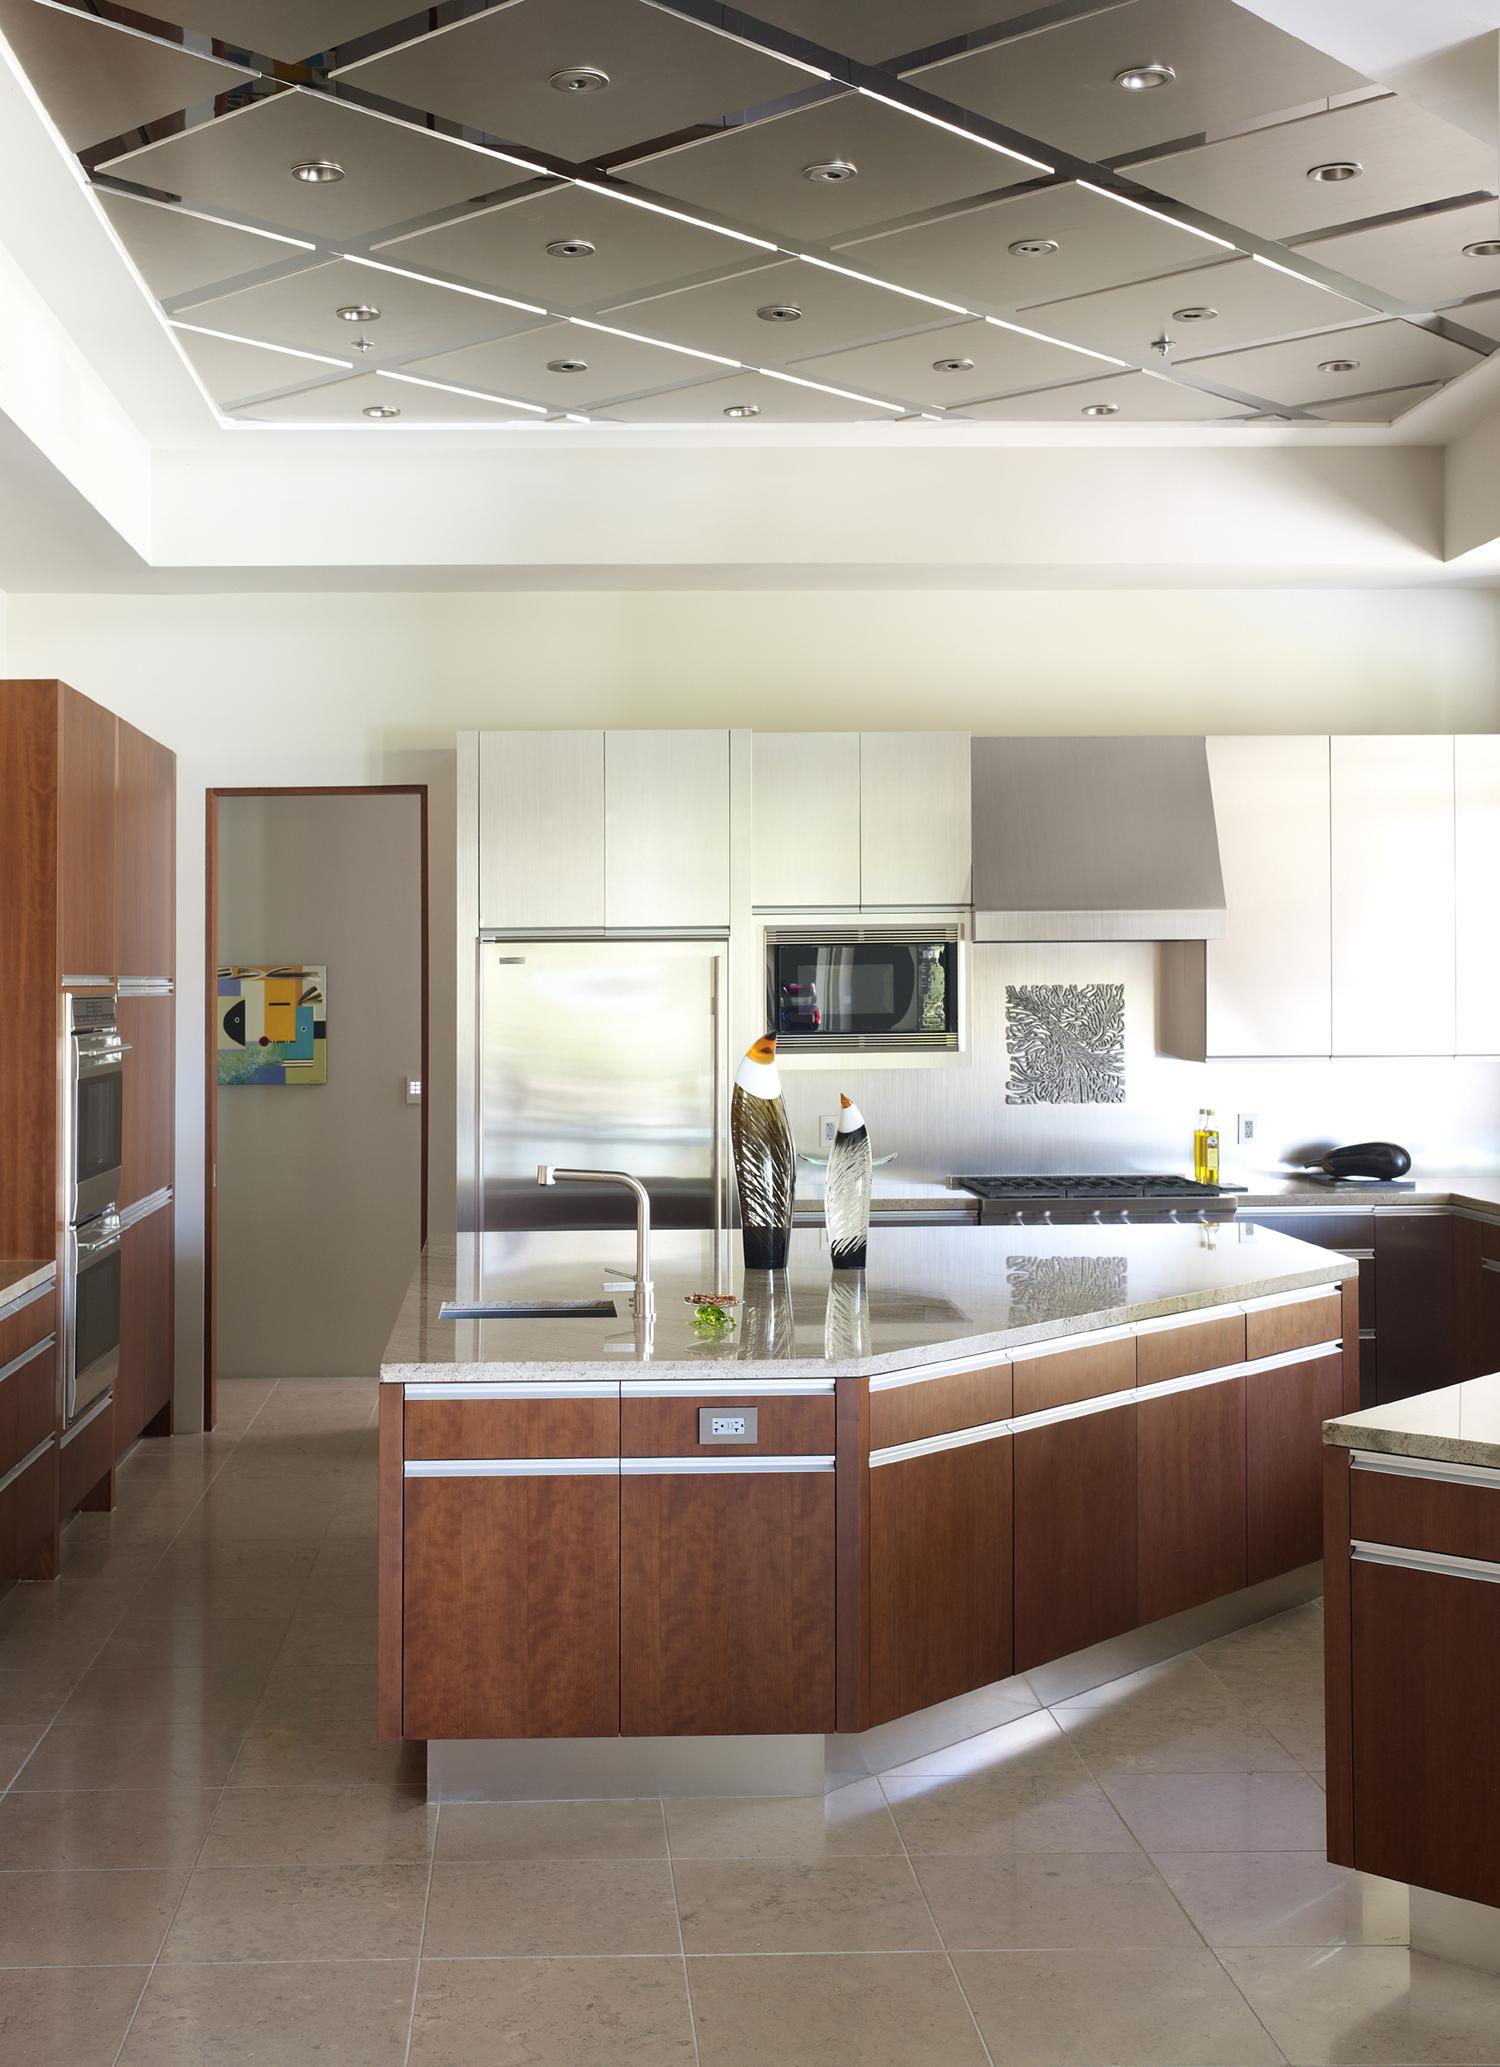 kitchen_051.JPG